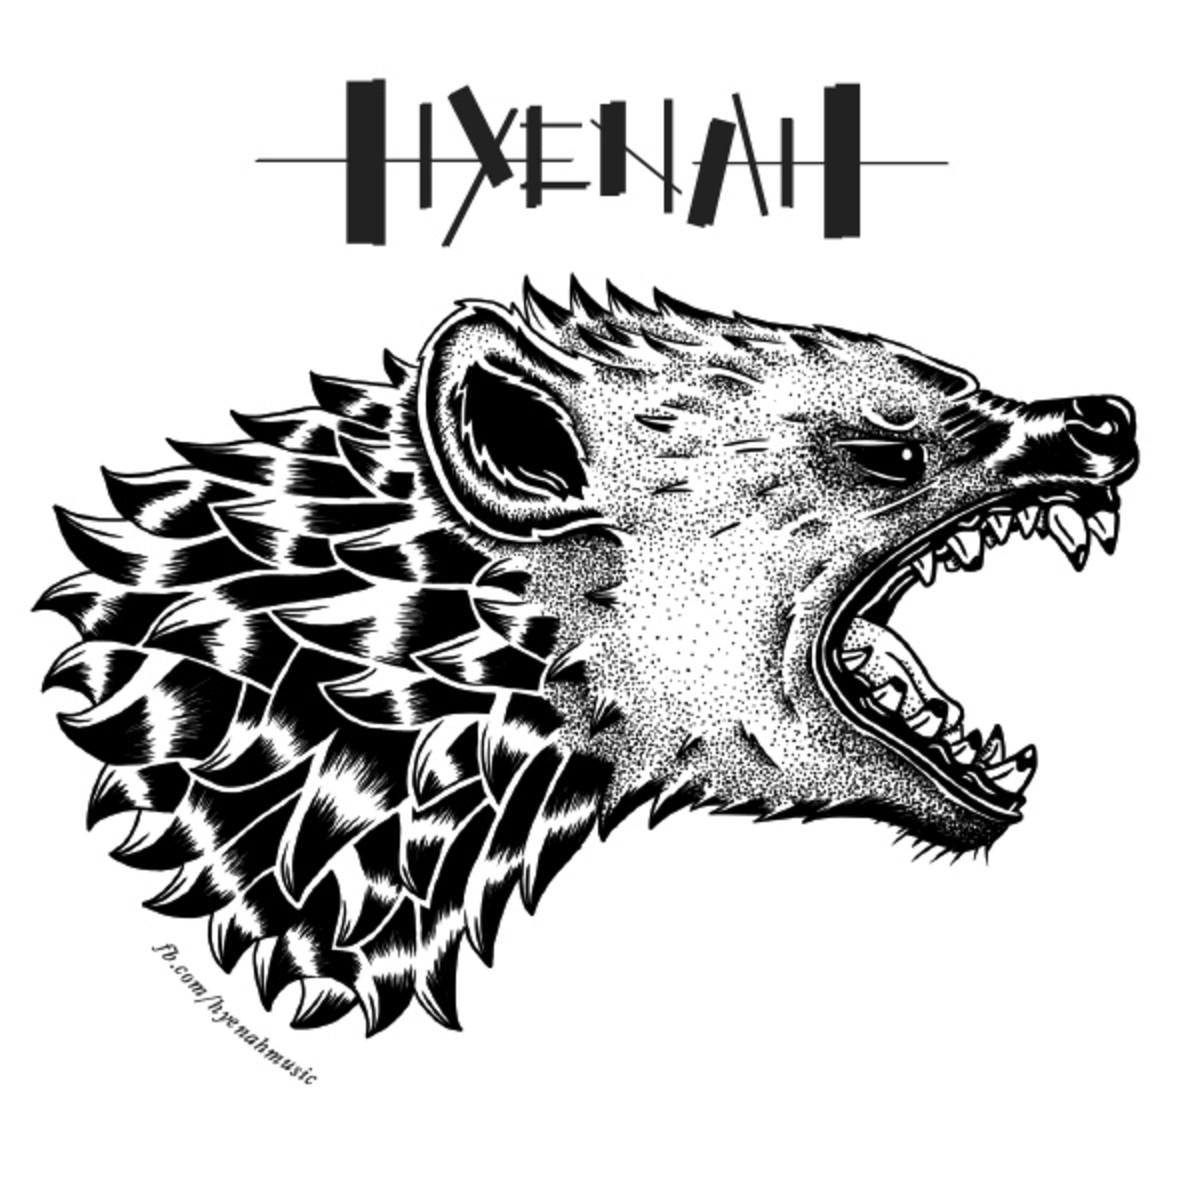 4 Hyenah.jpg